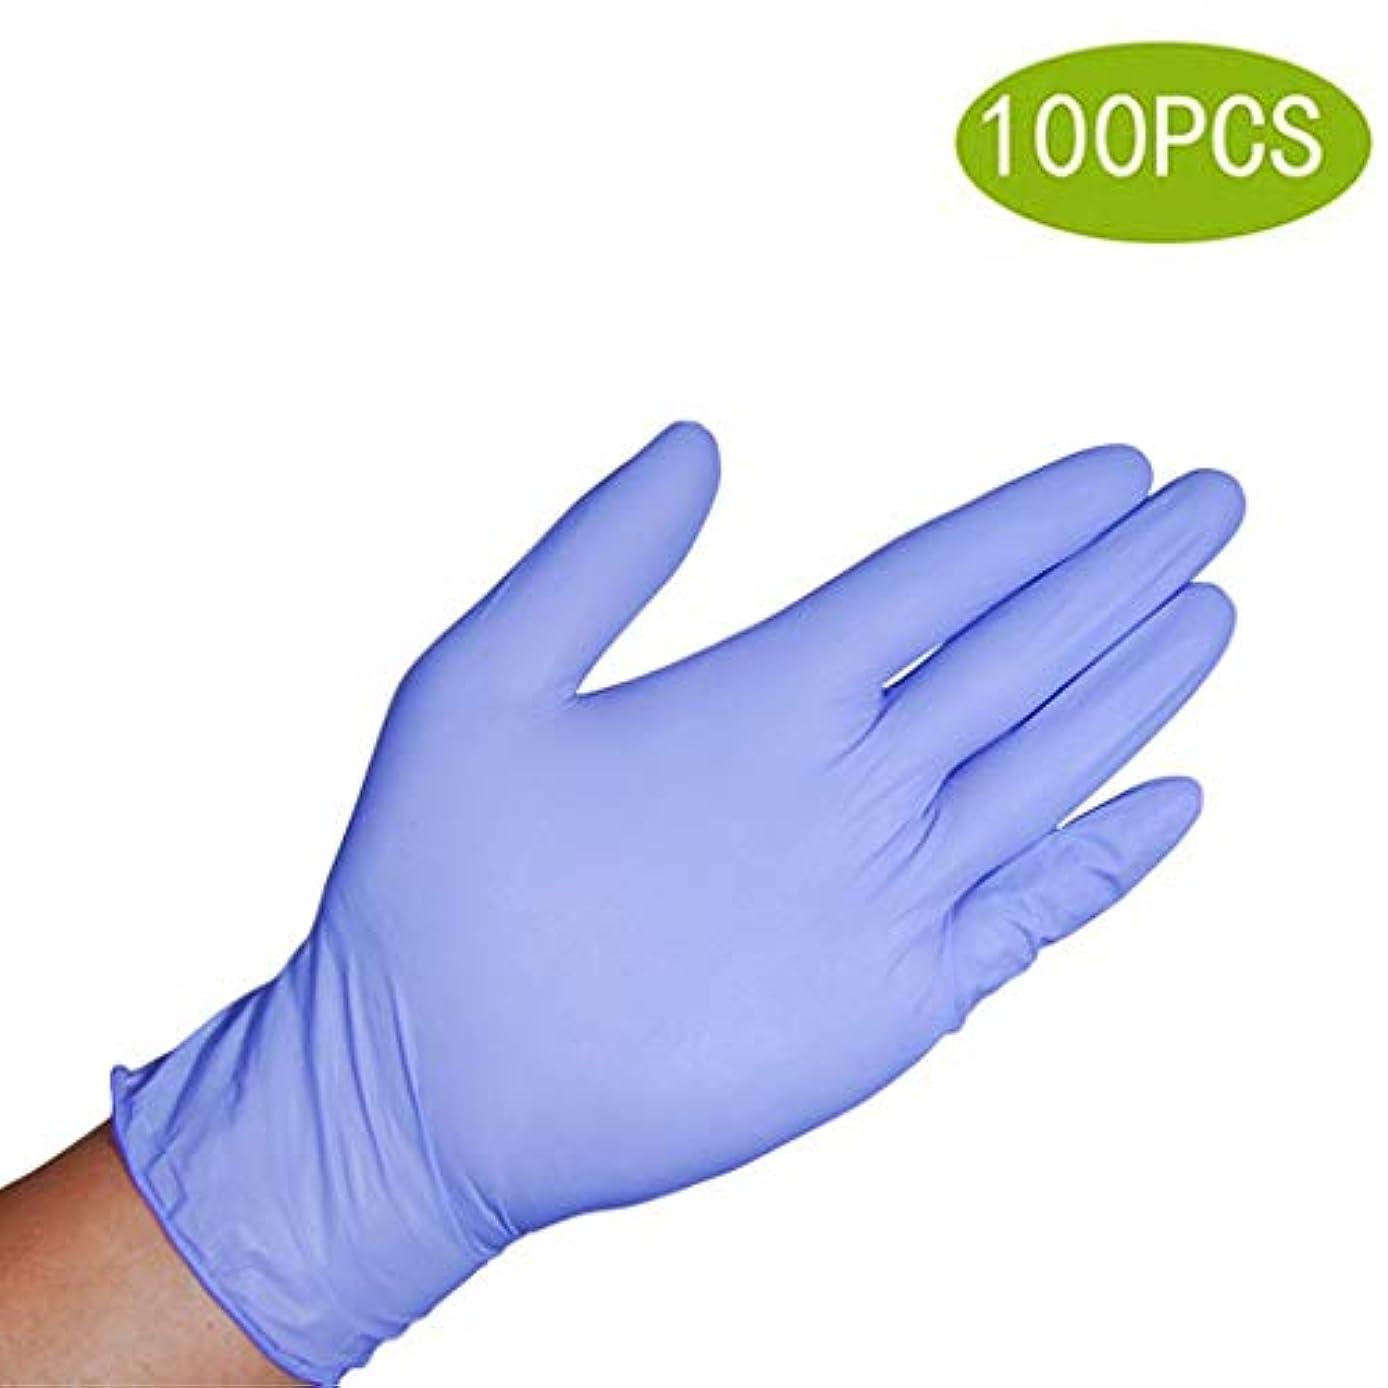 神経障害南移行するラテックス手袋子供用手袋、4?10年間のニトリル手袋 - ラテックスフリー、食品グレード、パウダーフリー - クラフト、絵画、ガーデニング、調理、クリーニング用 - 100個入りパープル (Size : M)